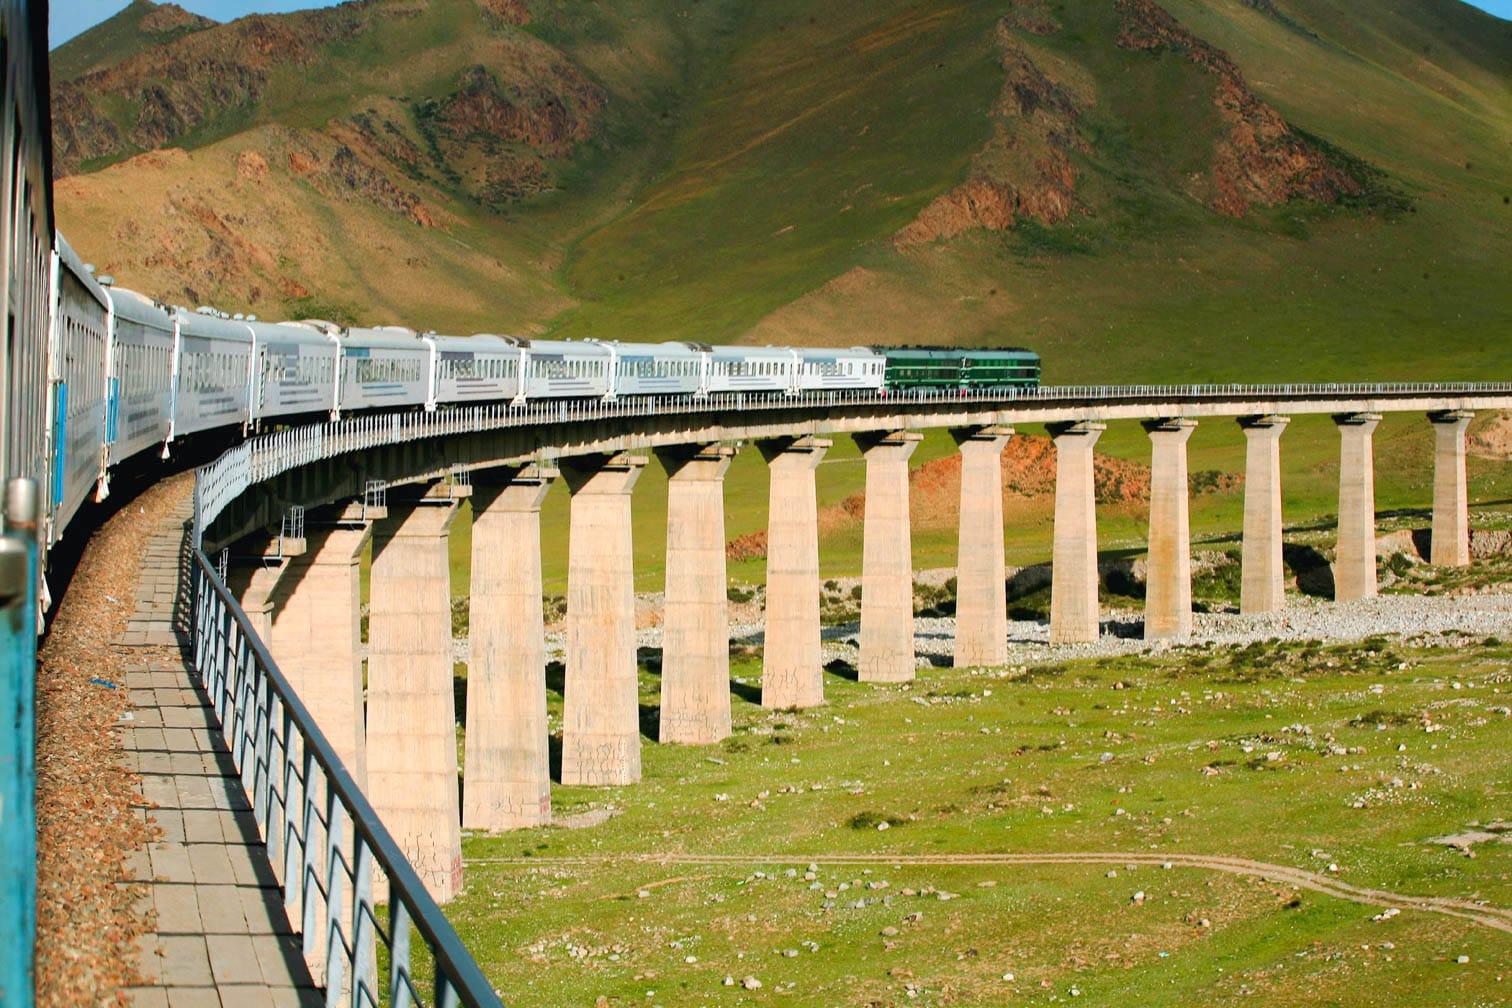 Exterior of the Shangri-La Express train on a bridge